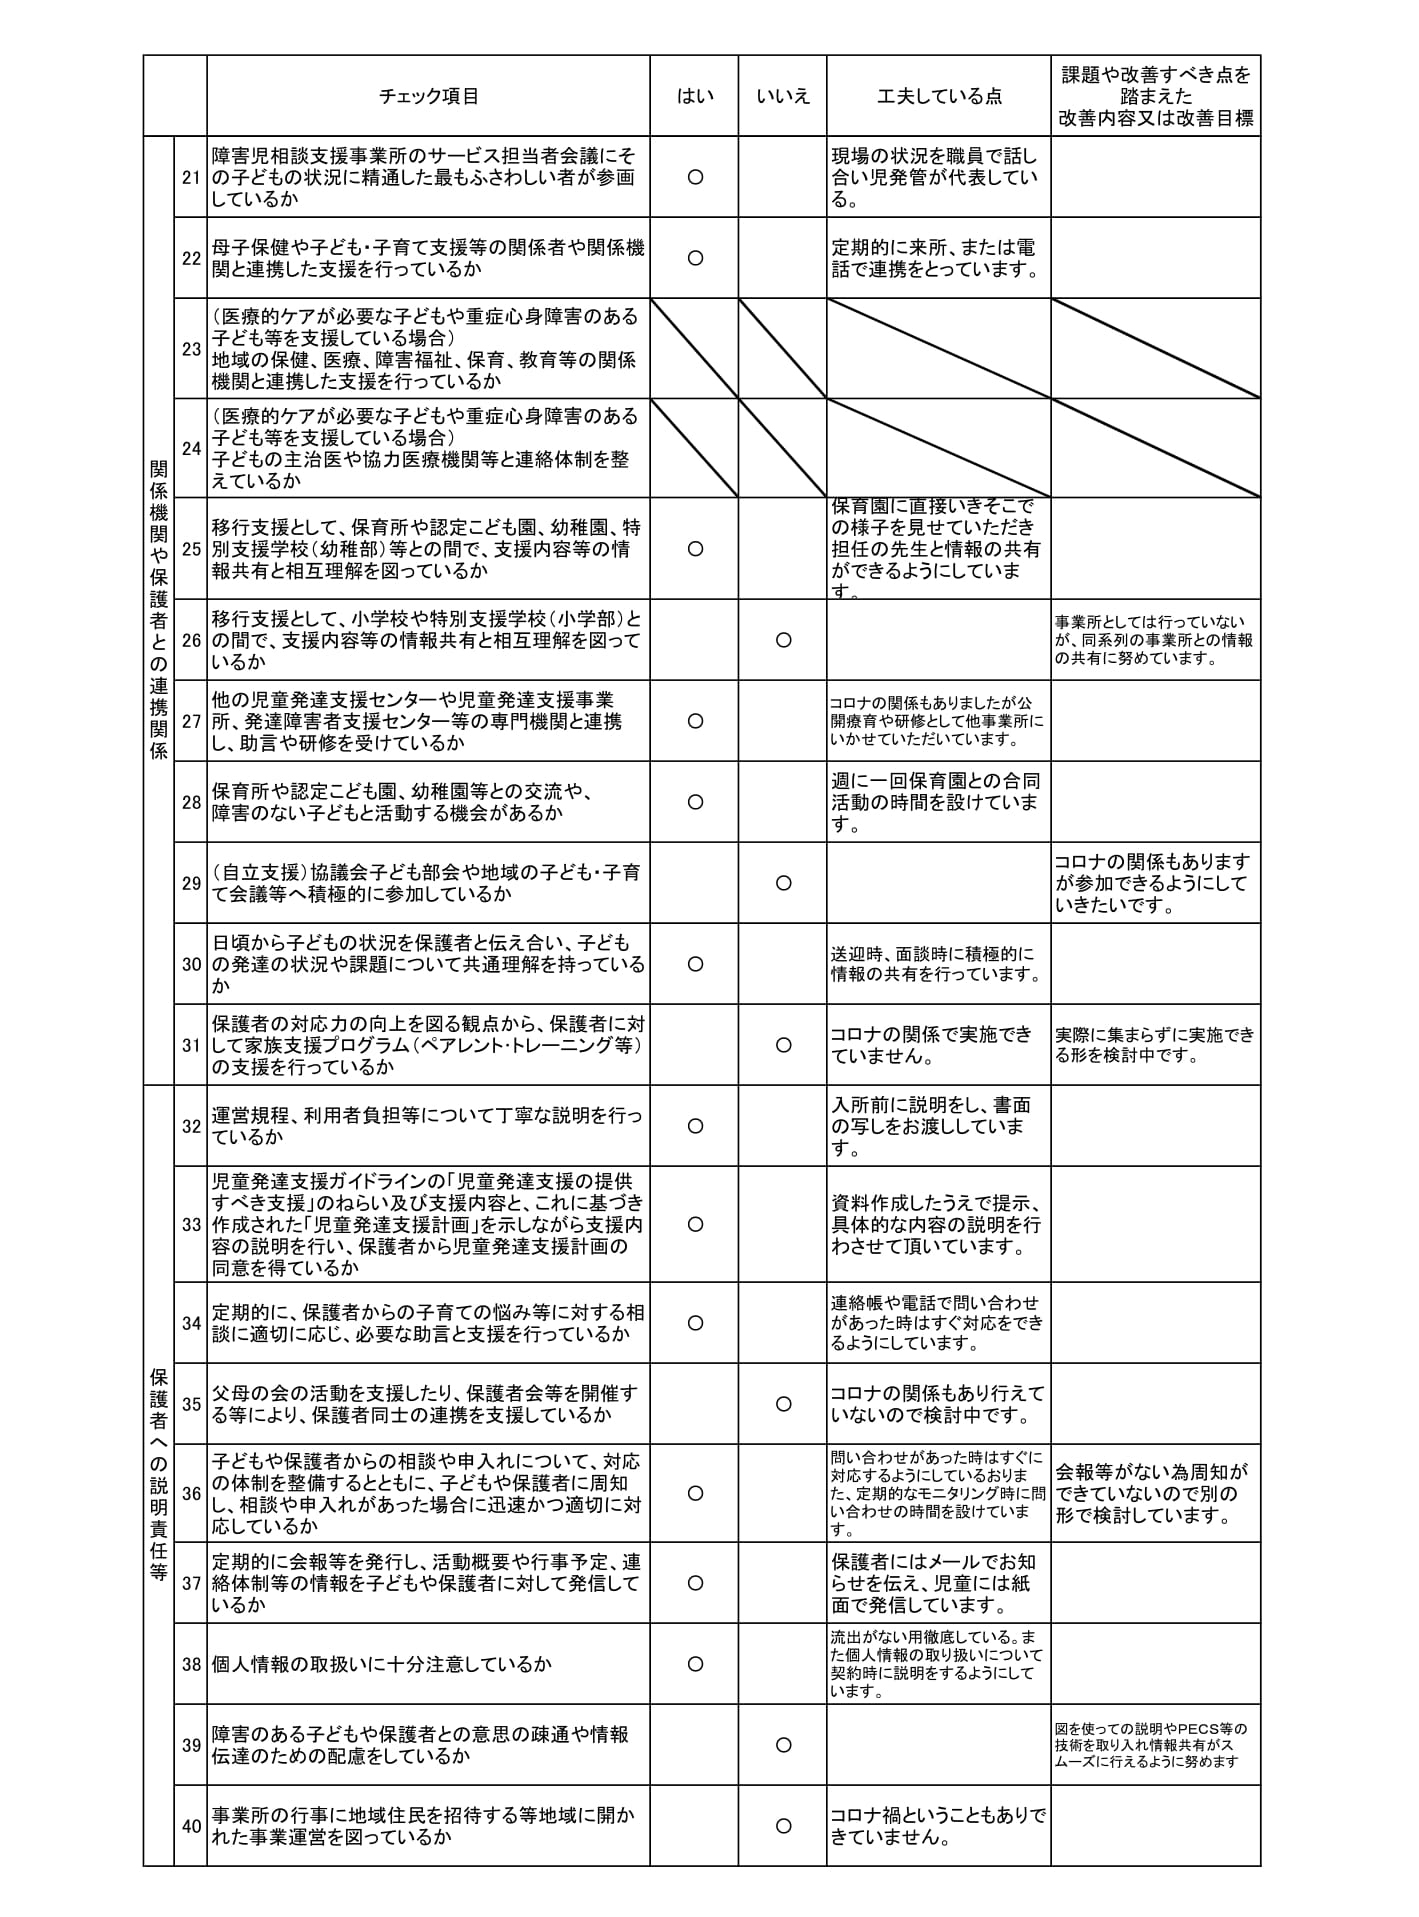 【児童発達支援】事業所における自己評価結果colorful-2